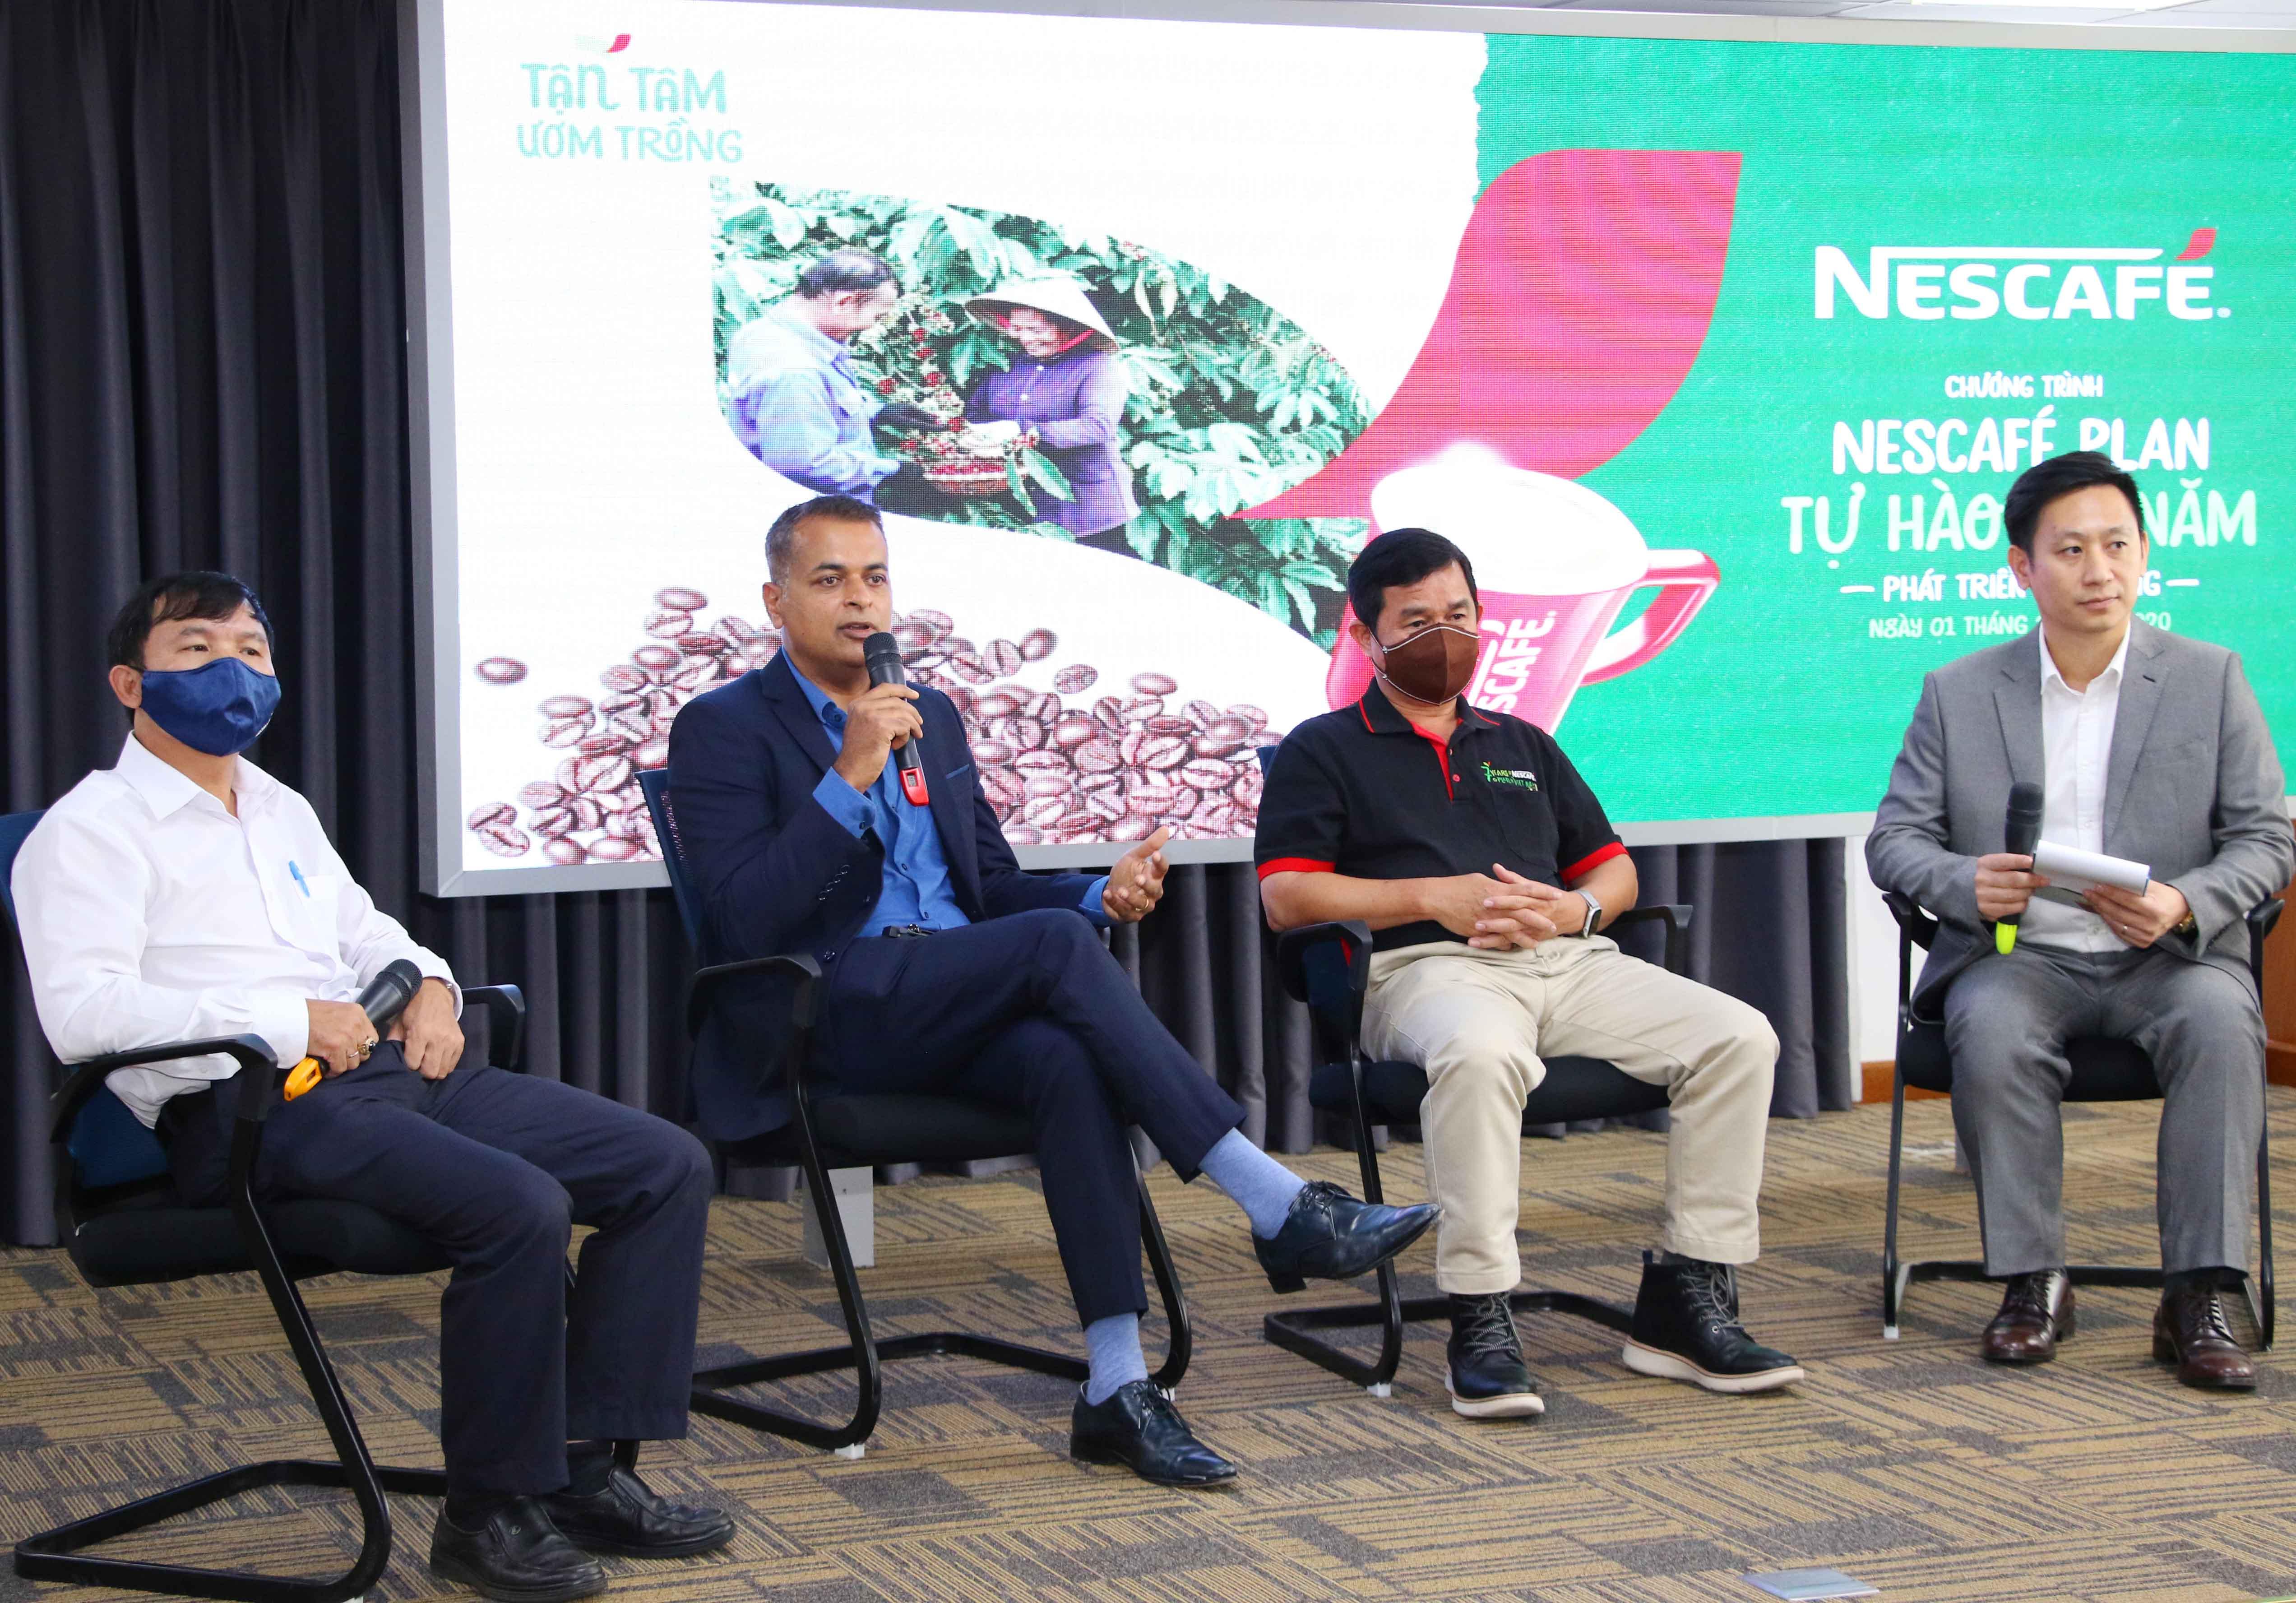 NESCAFÉ Plan: Tự hào 10 năm phát triển cà phê bền vững - Ảnh 4